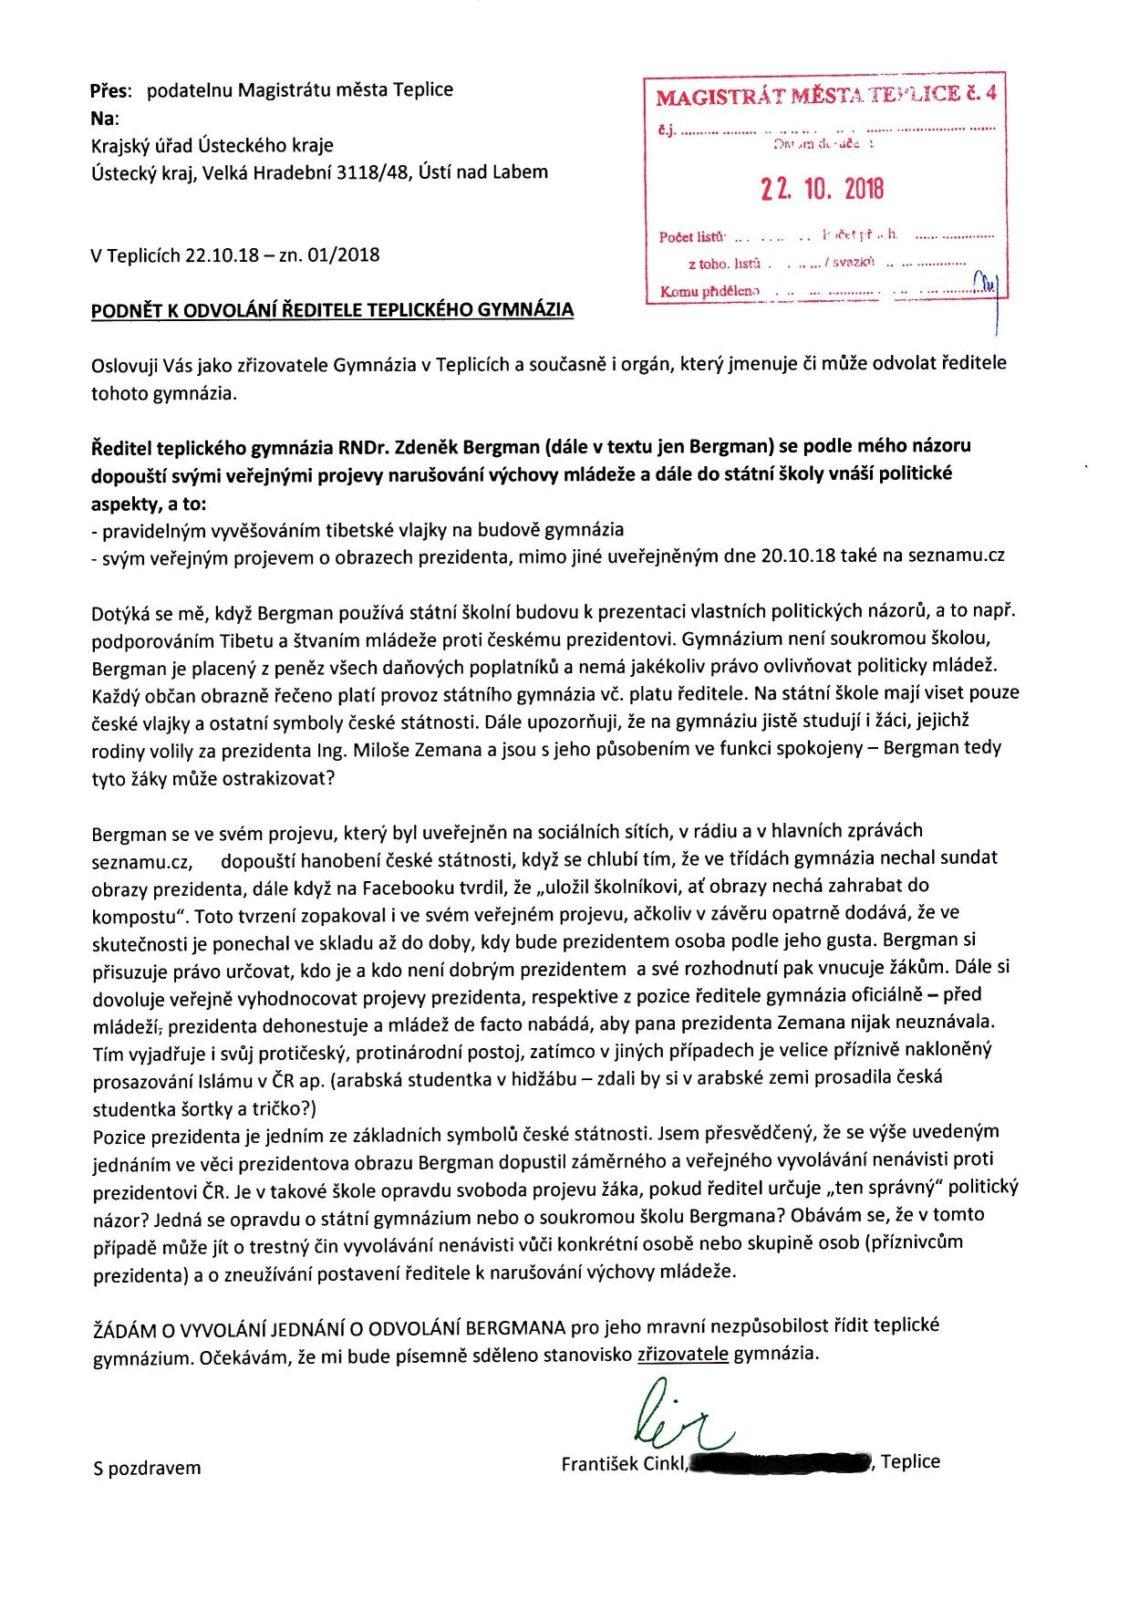 Ředitel teplického gymnázia Bergman zneužívá školu k protinárodním postojům. Občan Teplic žádá po krajském úřadu jeho odvolání